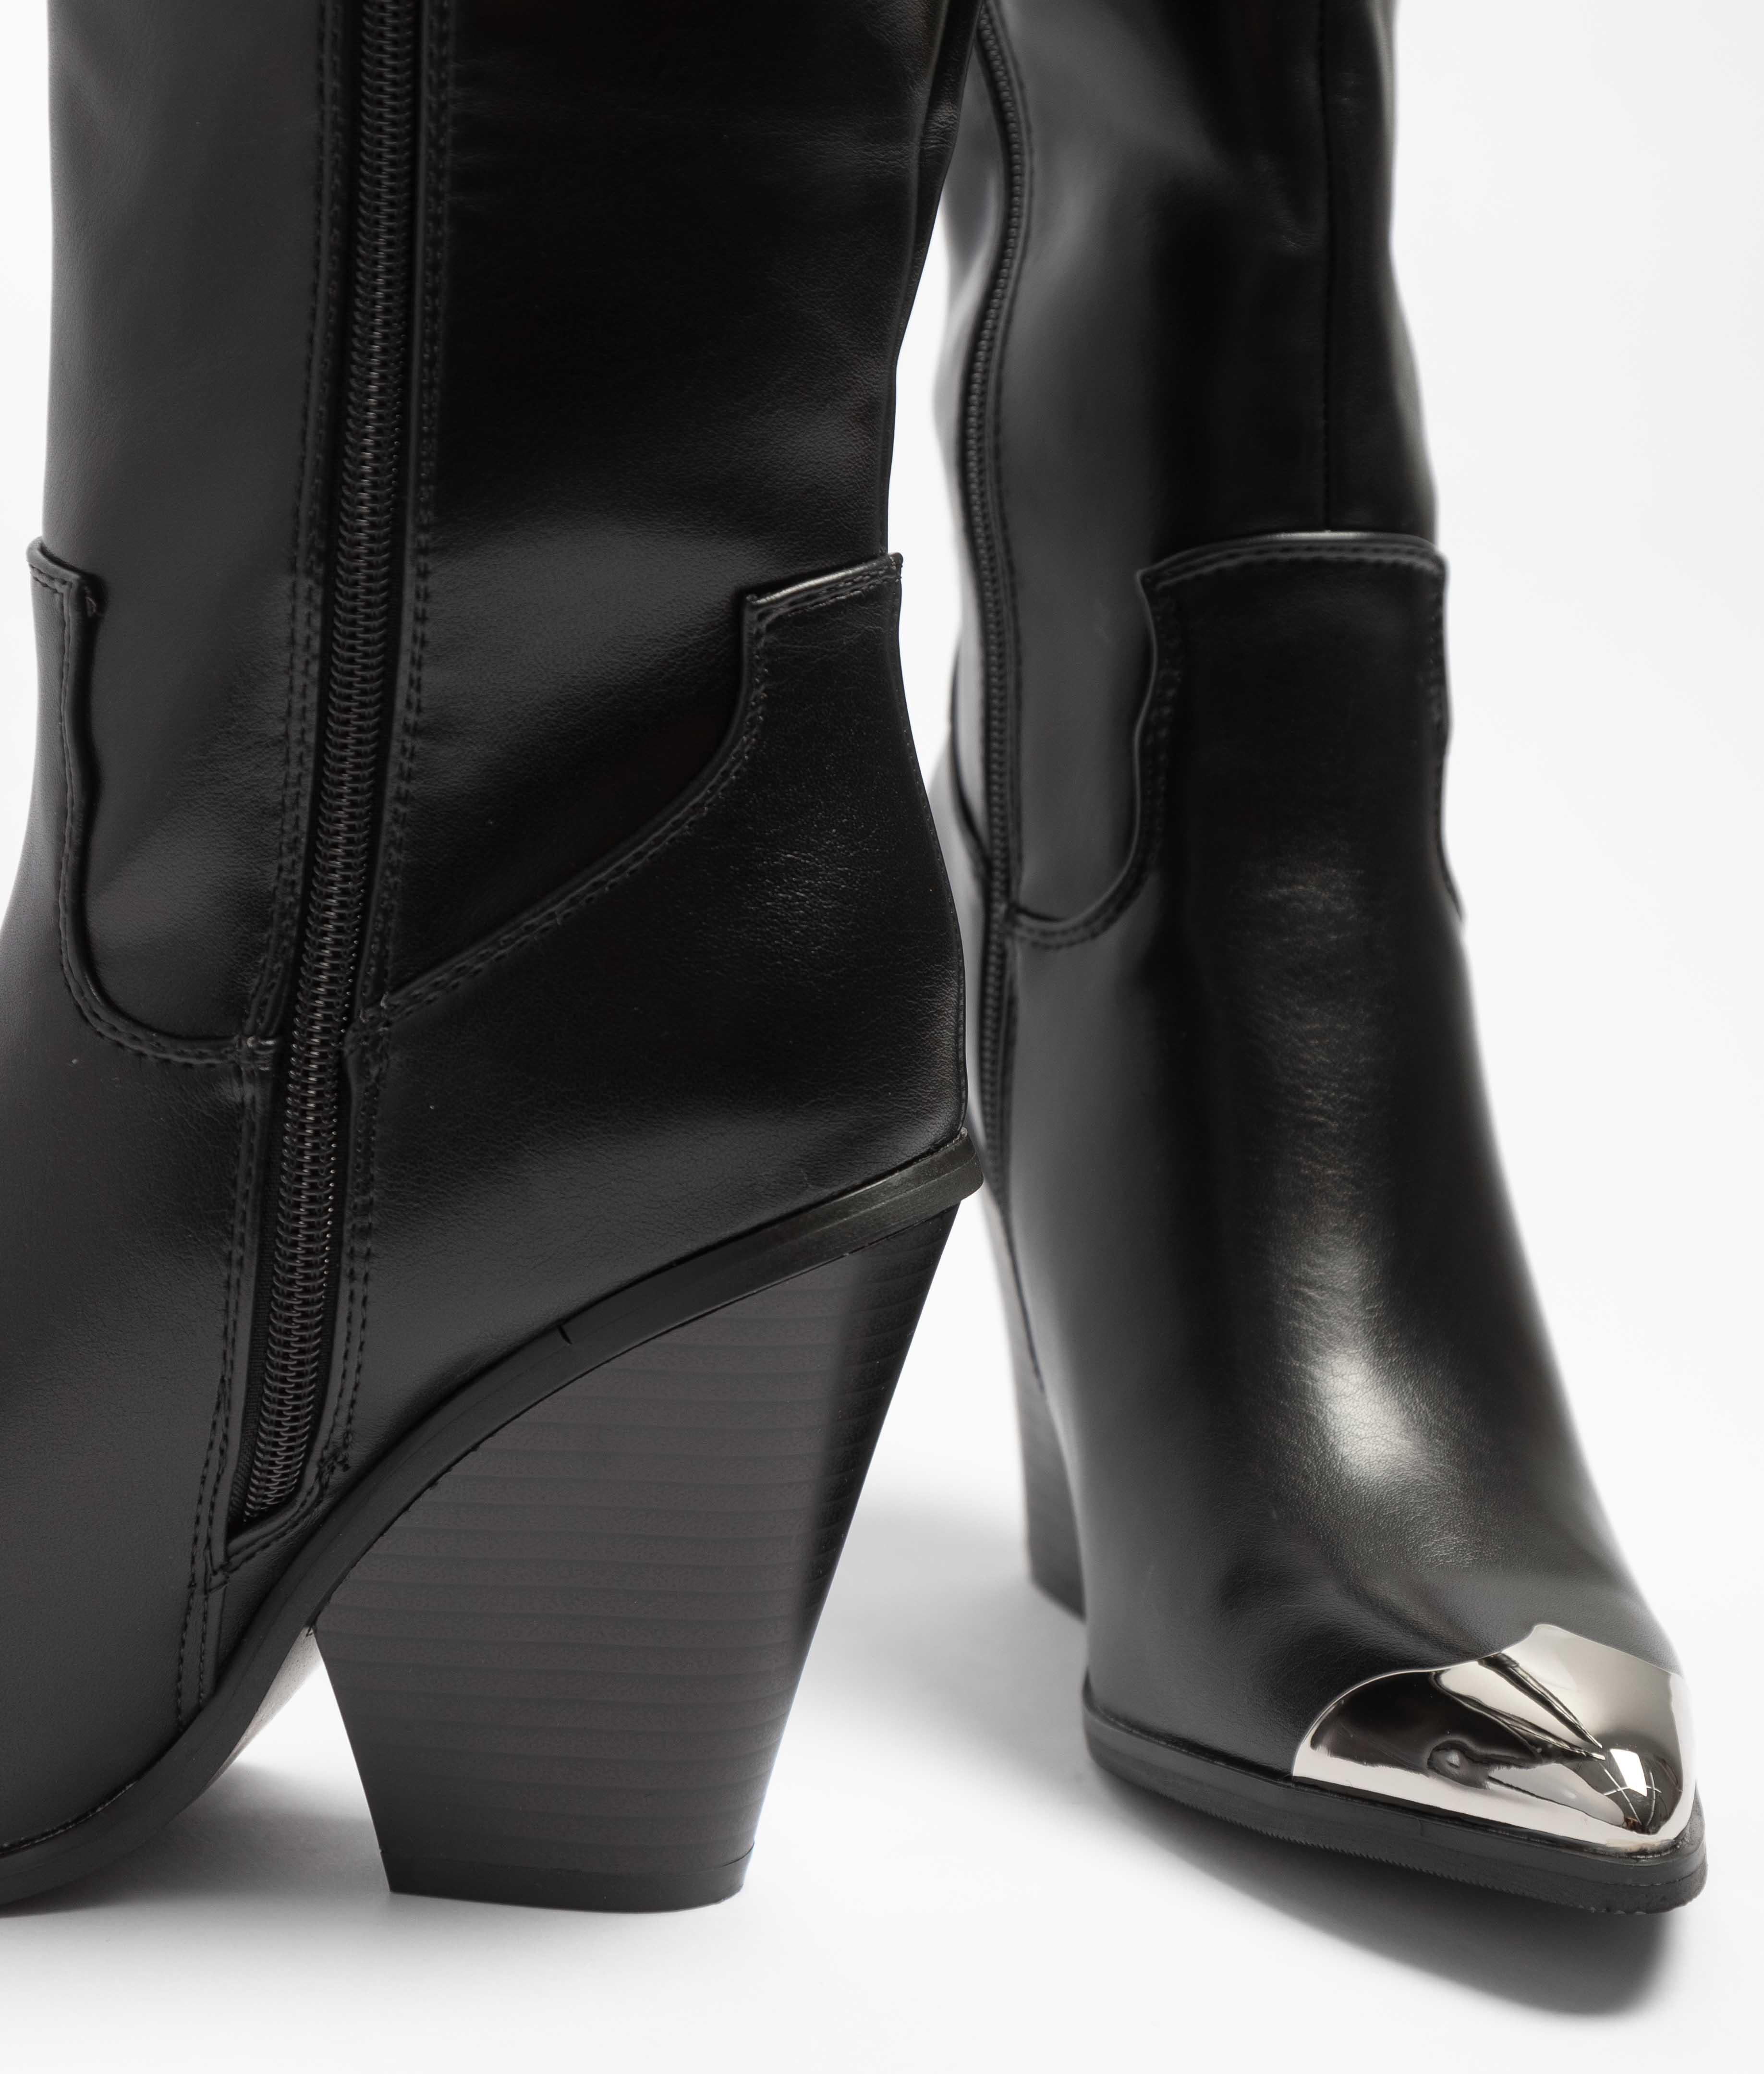 Knee-Lenght Boot Soila - Black